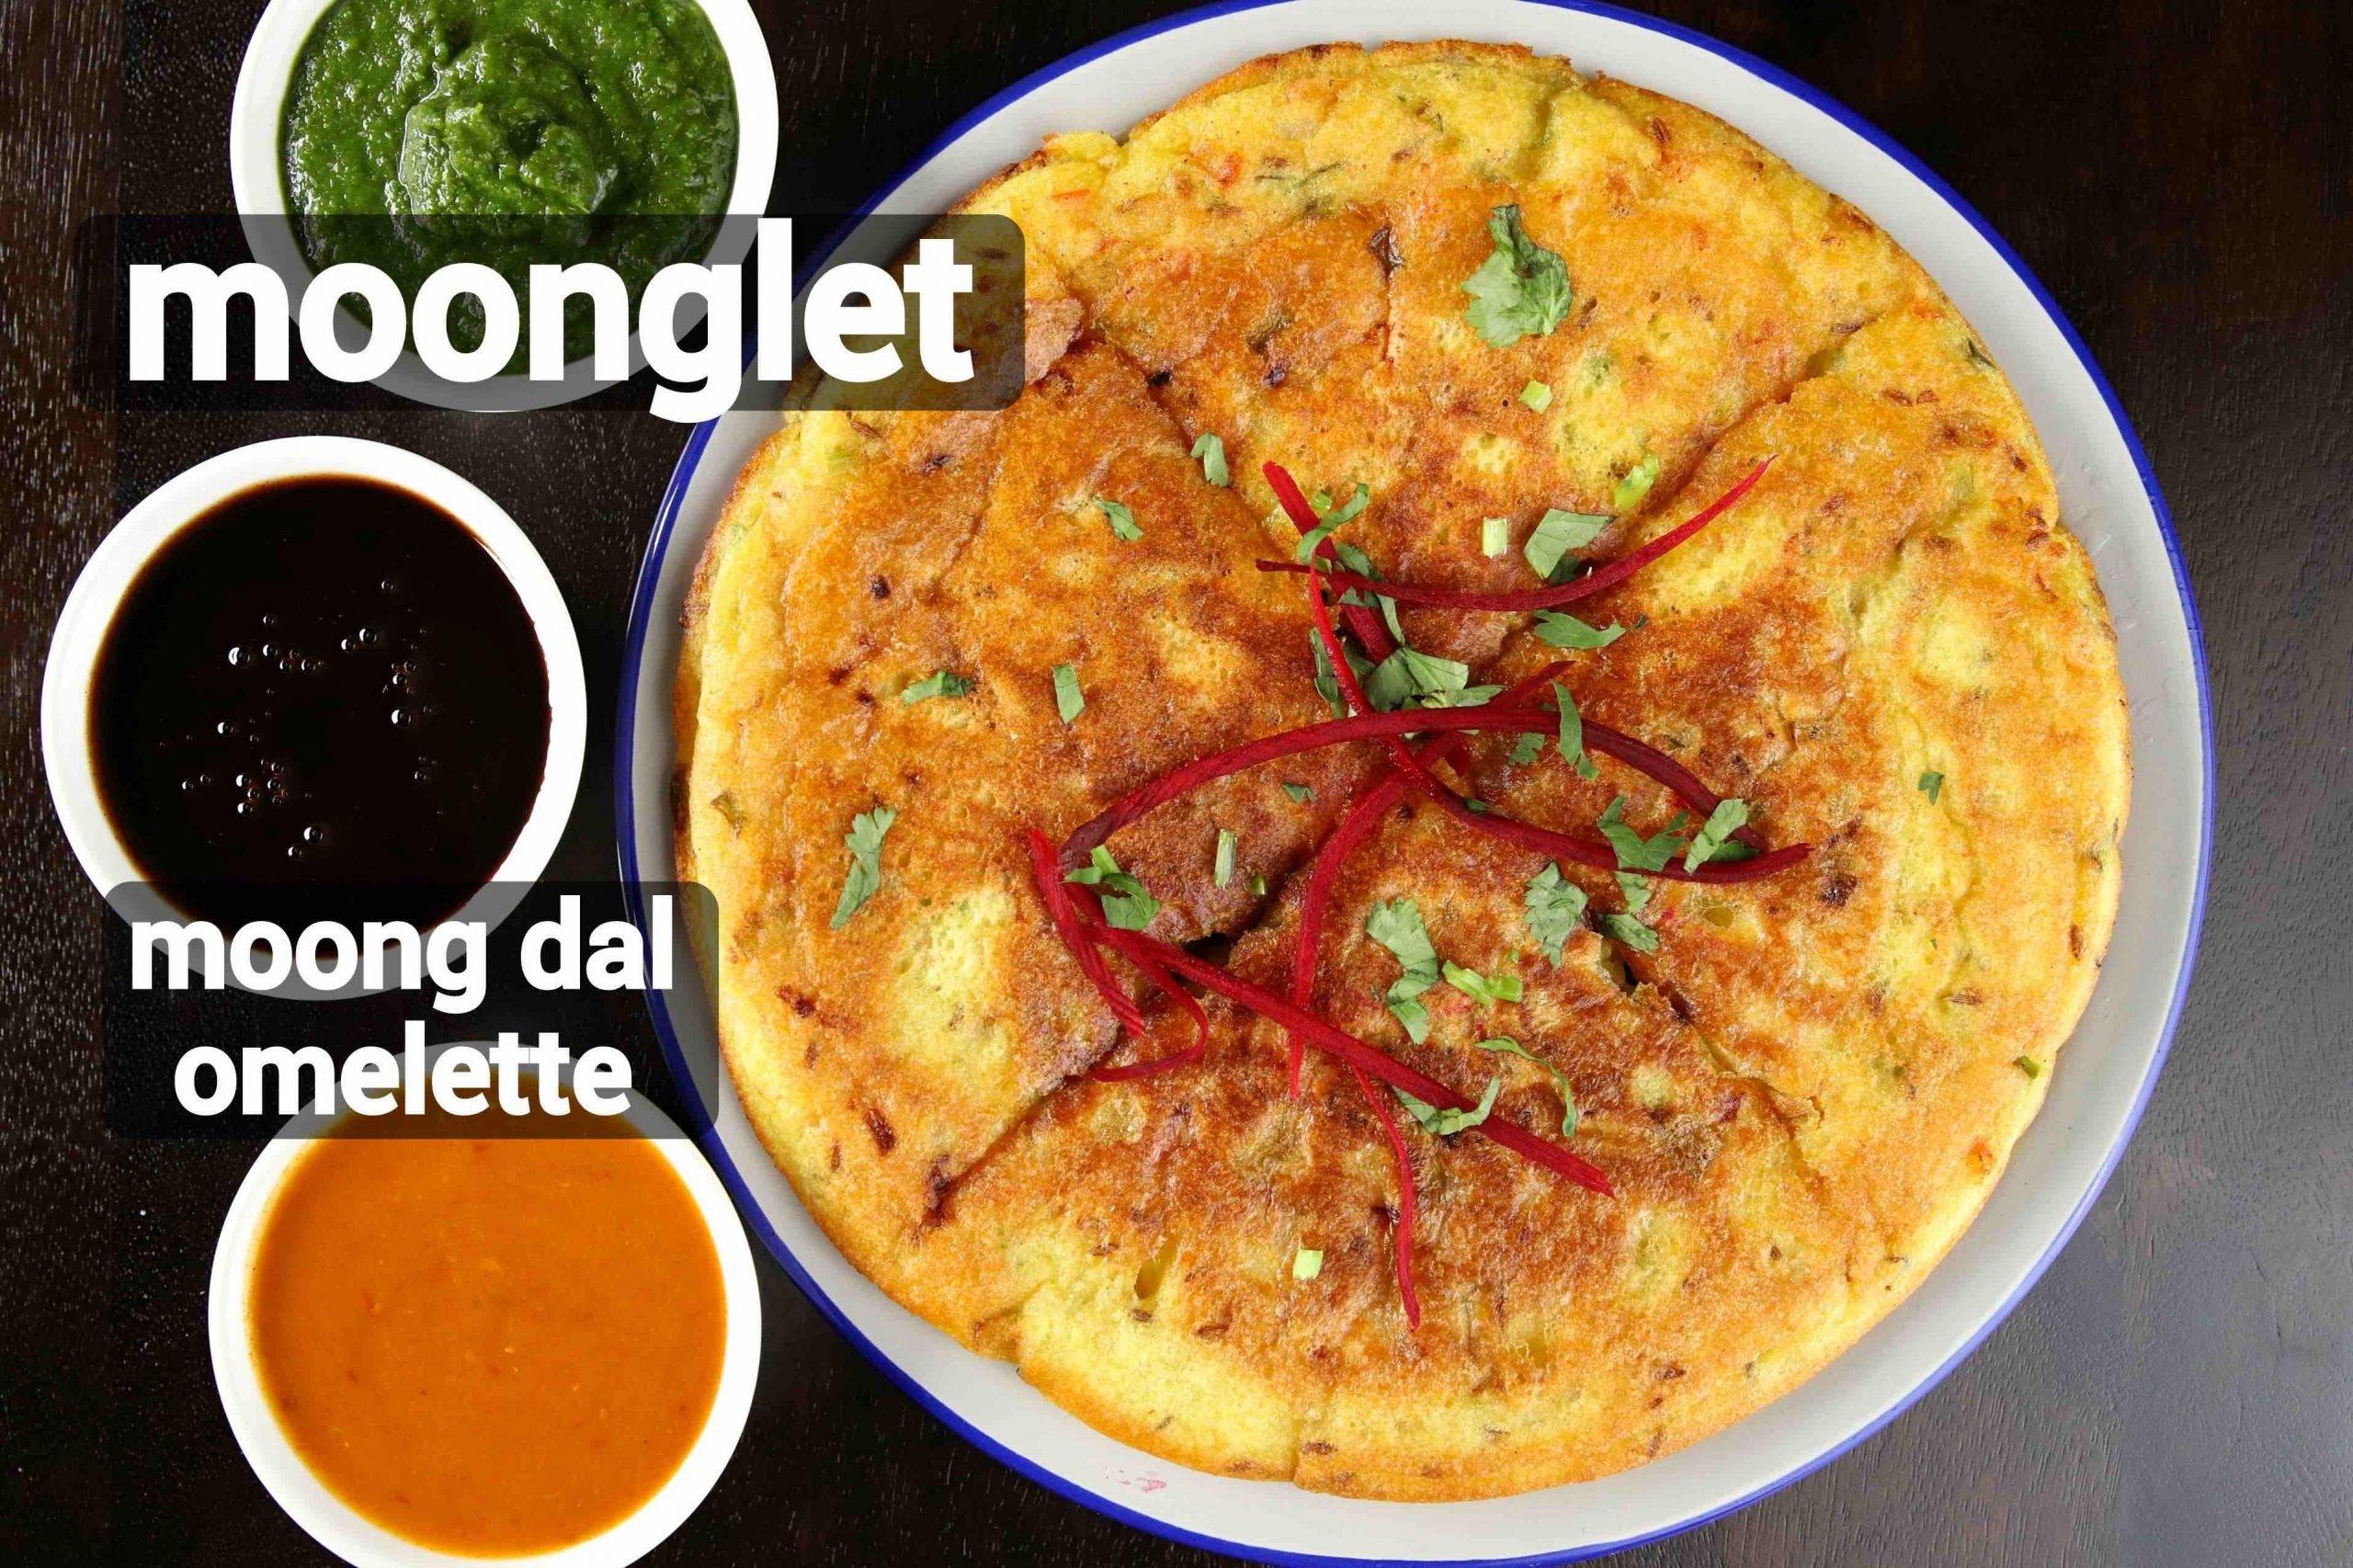 moonglet recipe | moong dal omelette recipe | mung bean omelette